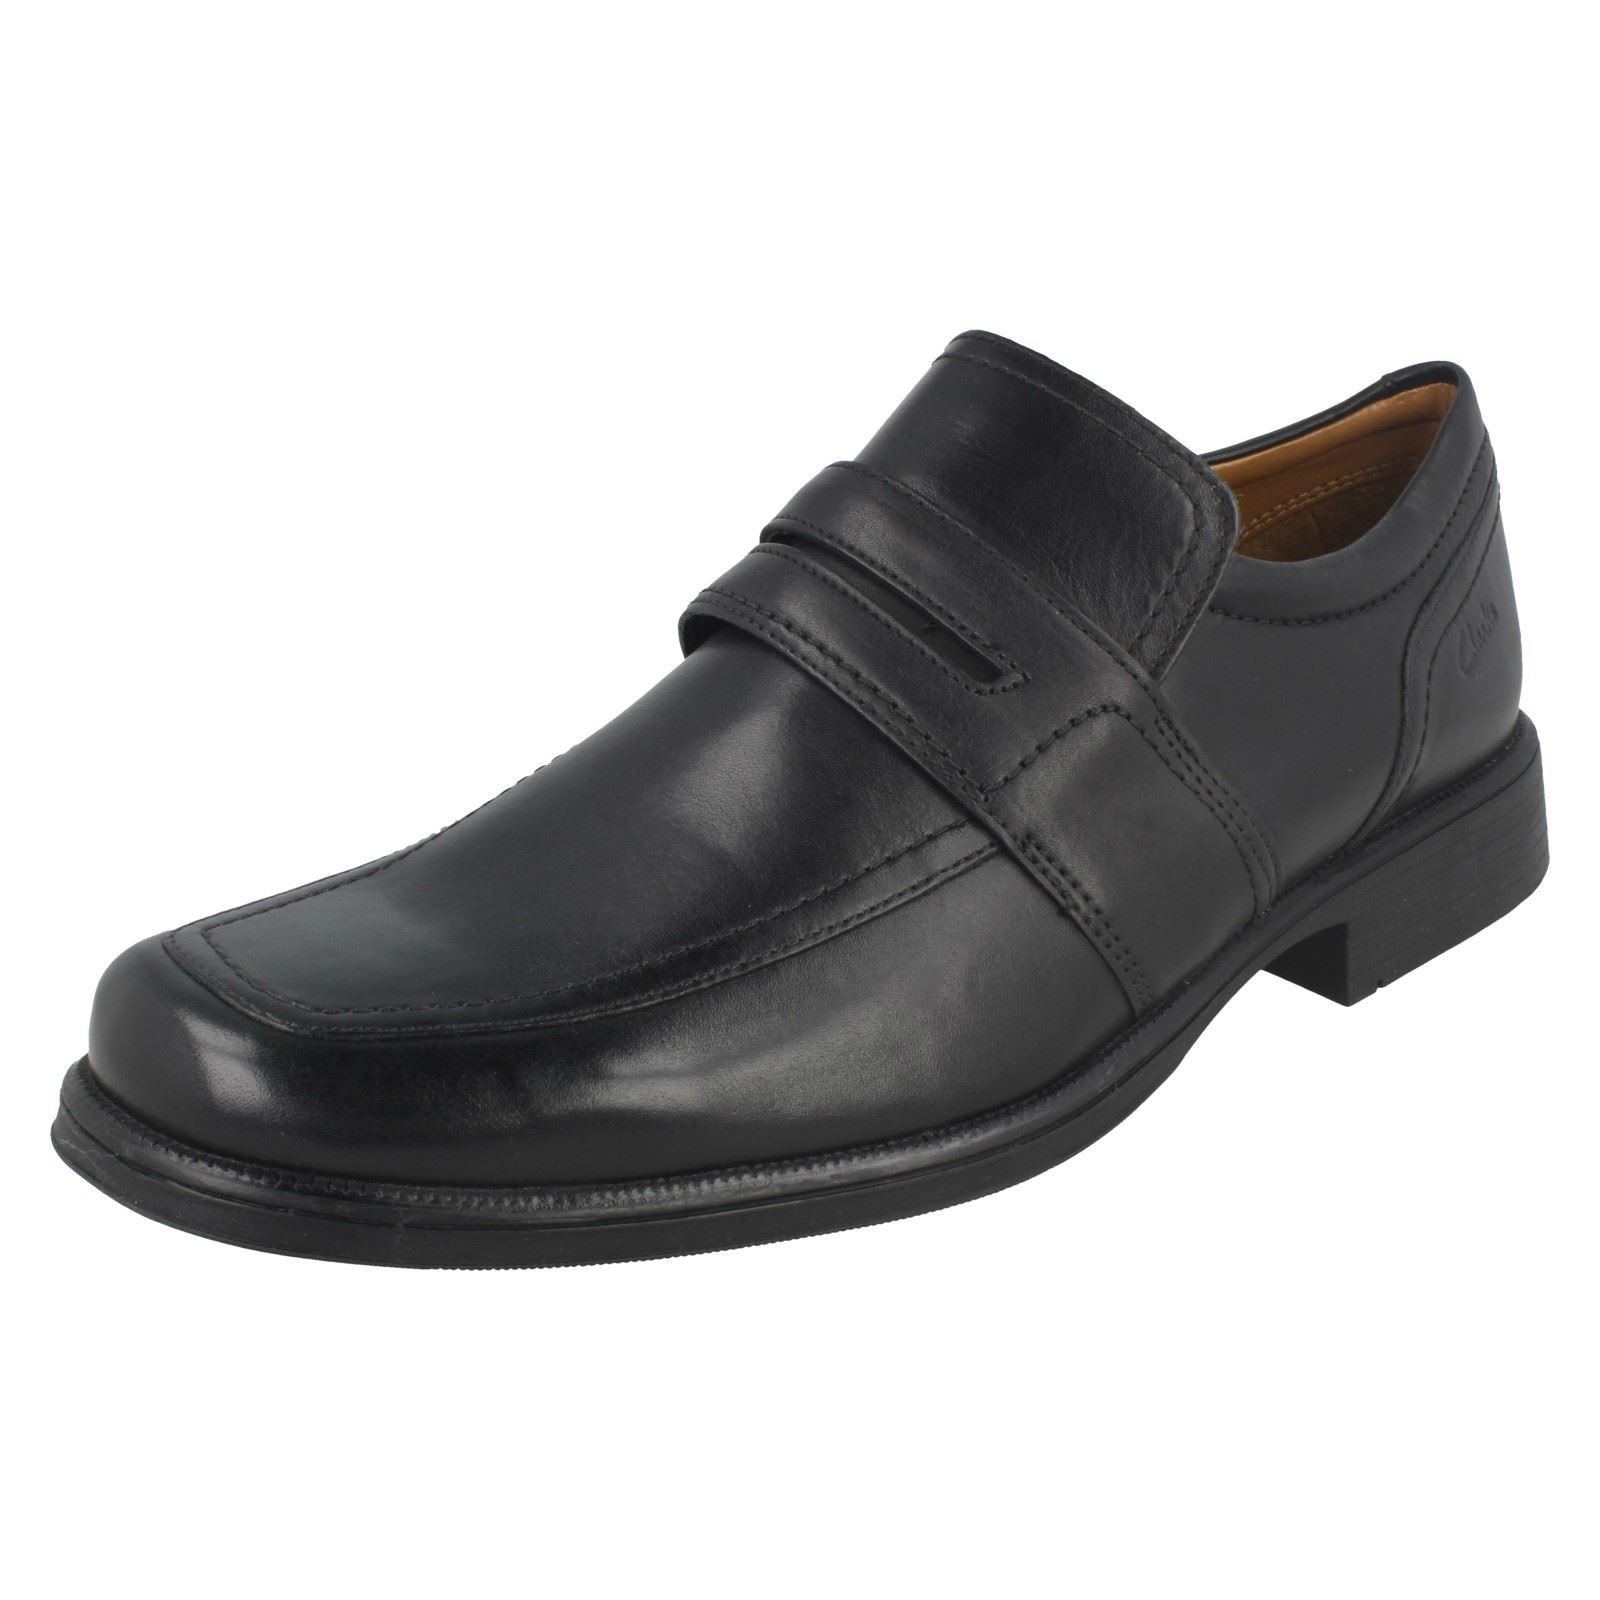 Nuevo Hombre Zapatos De Vestir Zapatos Clarks Zapatos Con